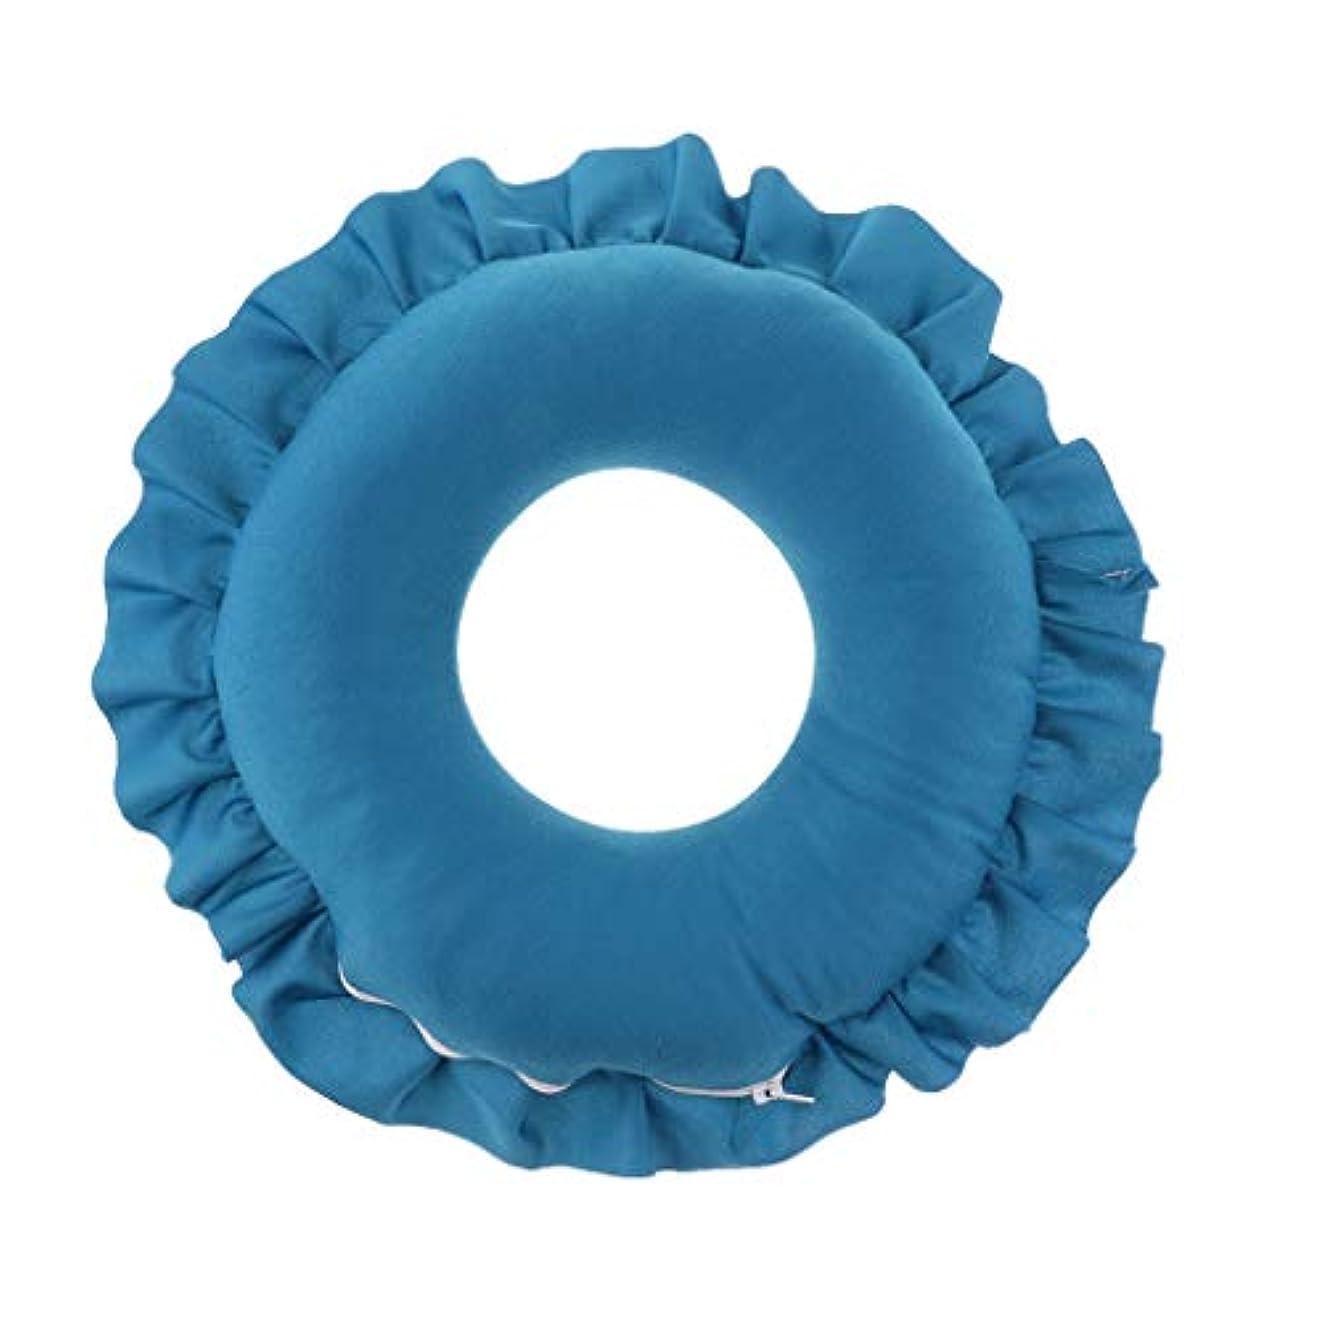 牽引傾く再発するD DOLITY マッサージ枕 顔枕 マッサージピロー 美容院 柔らかくて快適 取り外し可能 洗える 全4色 - 青